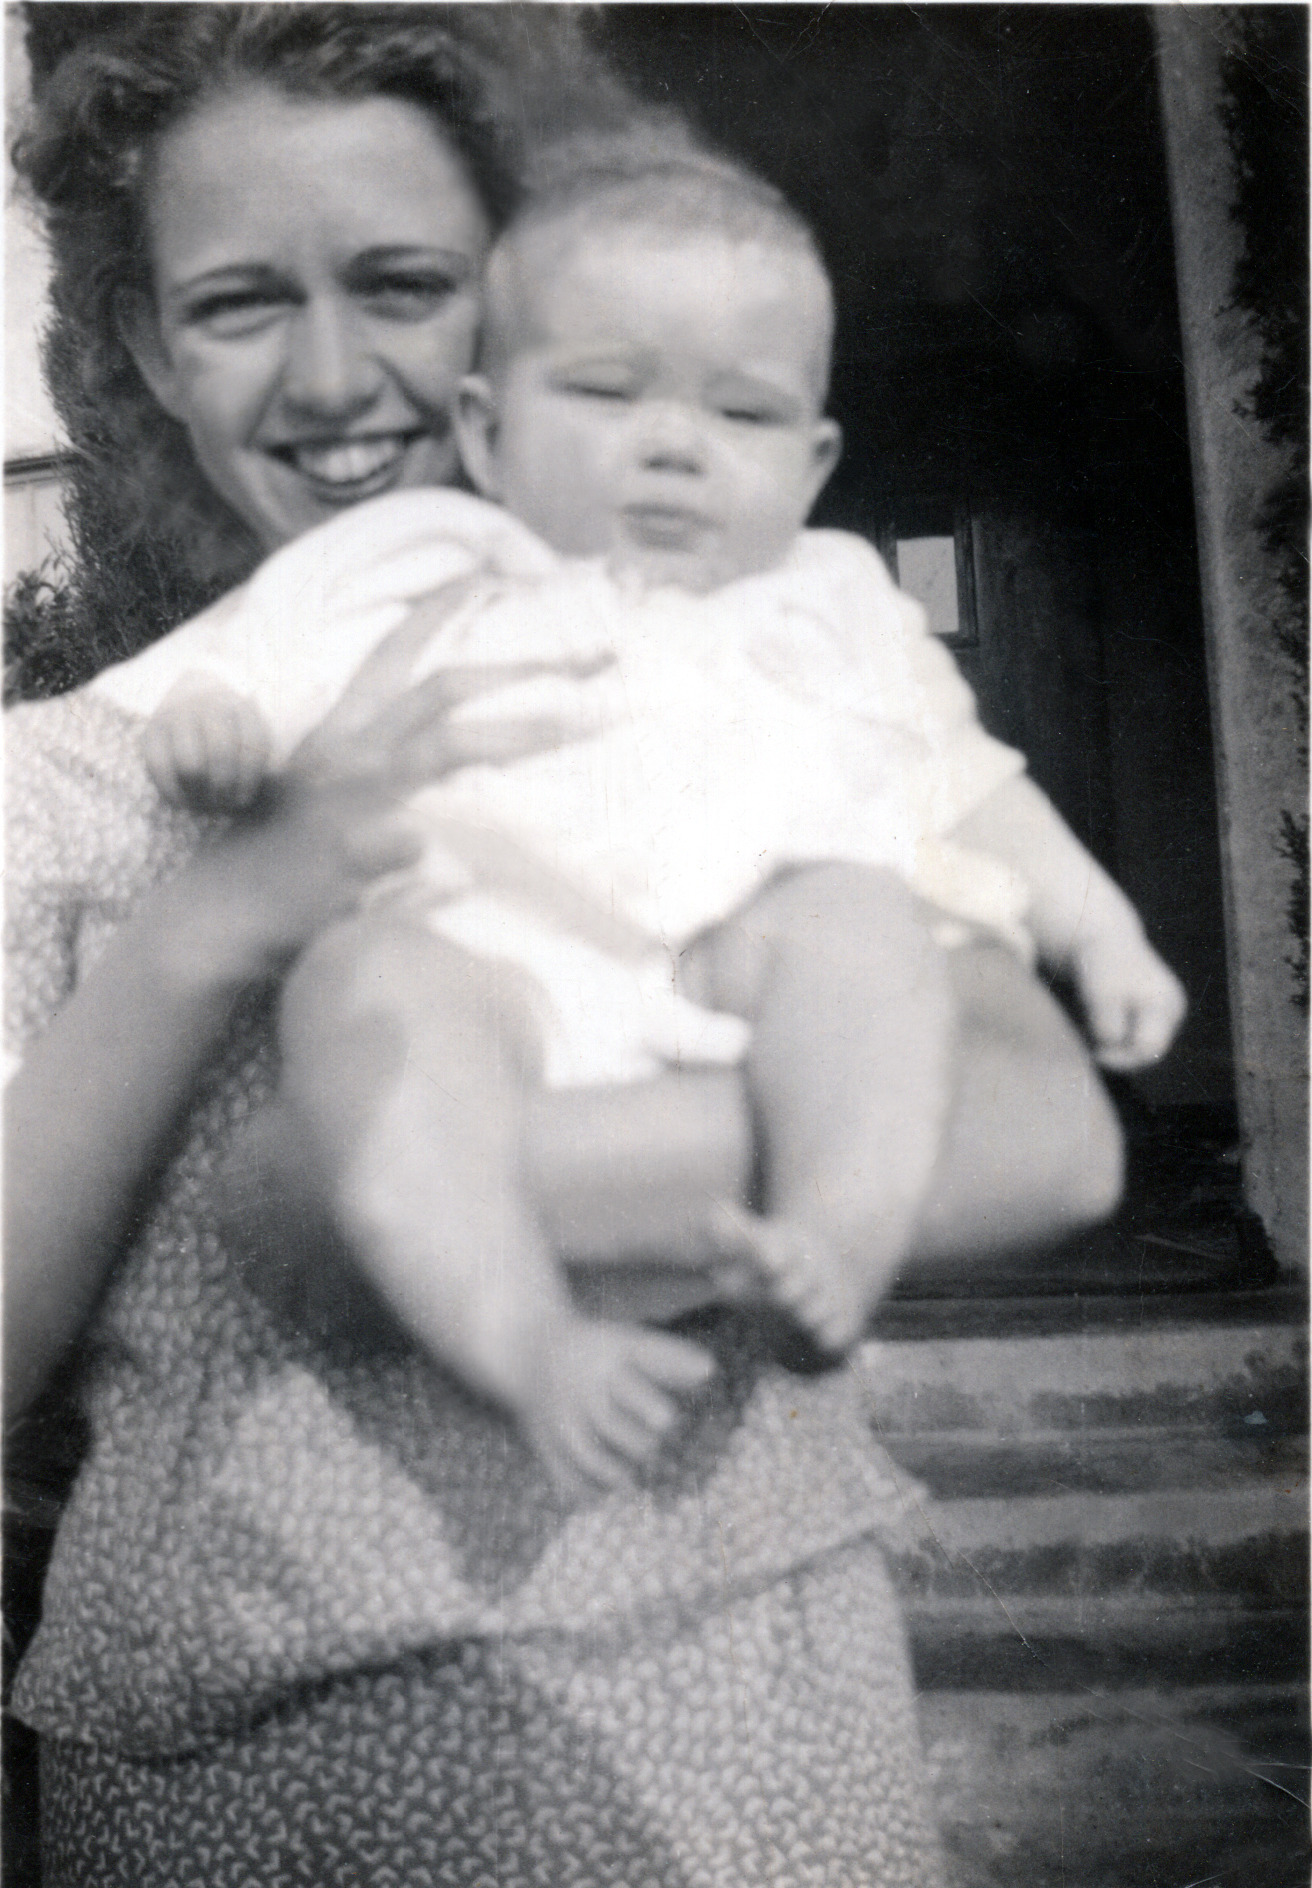 Shirley & Darlene - 1936